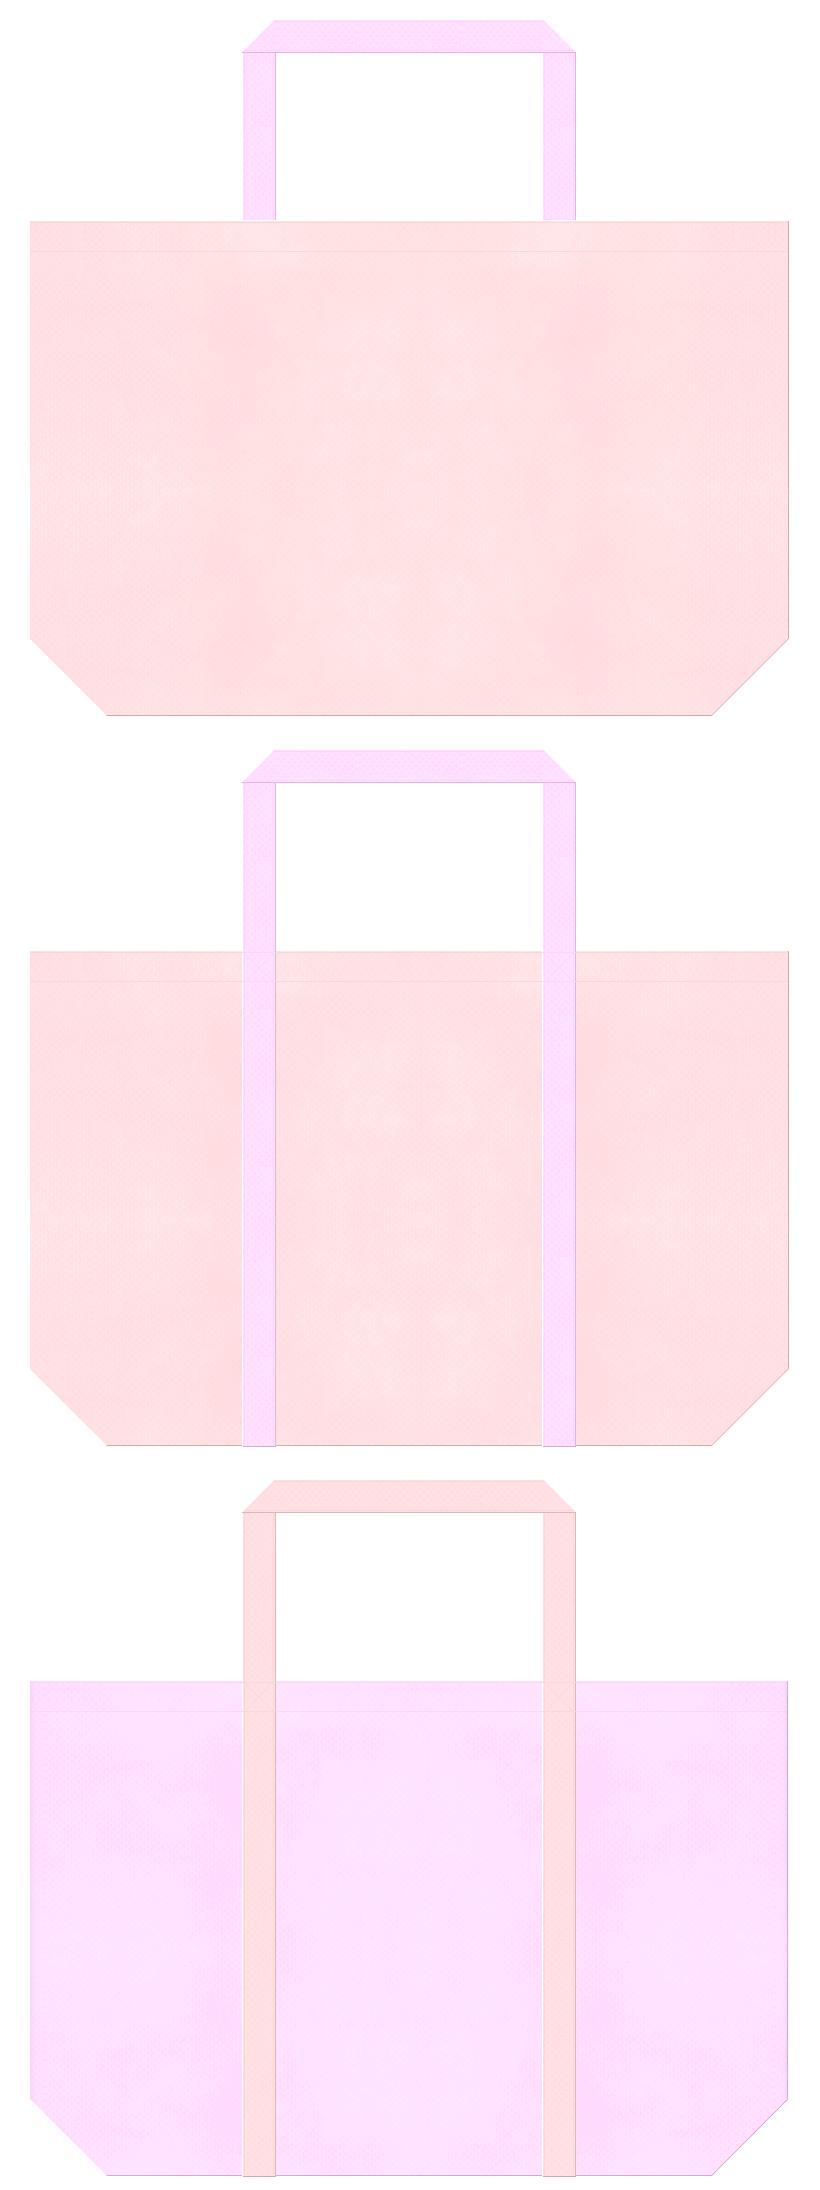 桜色と明るいピンク色の不織布ショッピングバッグデザイン。浴衣イメージ・ガーリーデザインにお奨めの配色です。